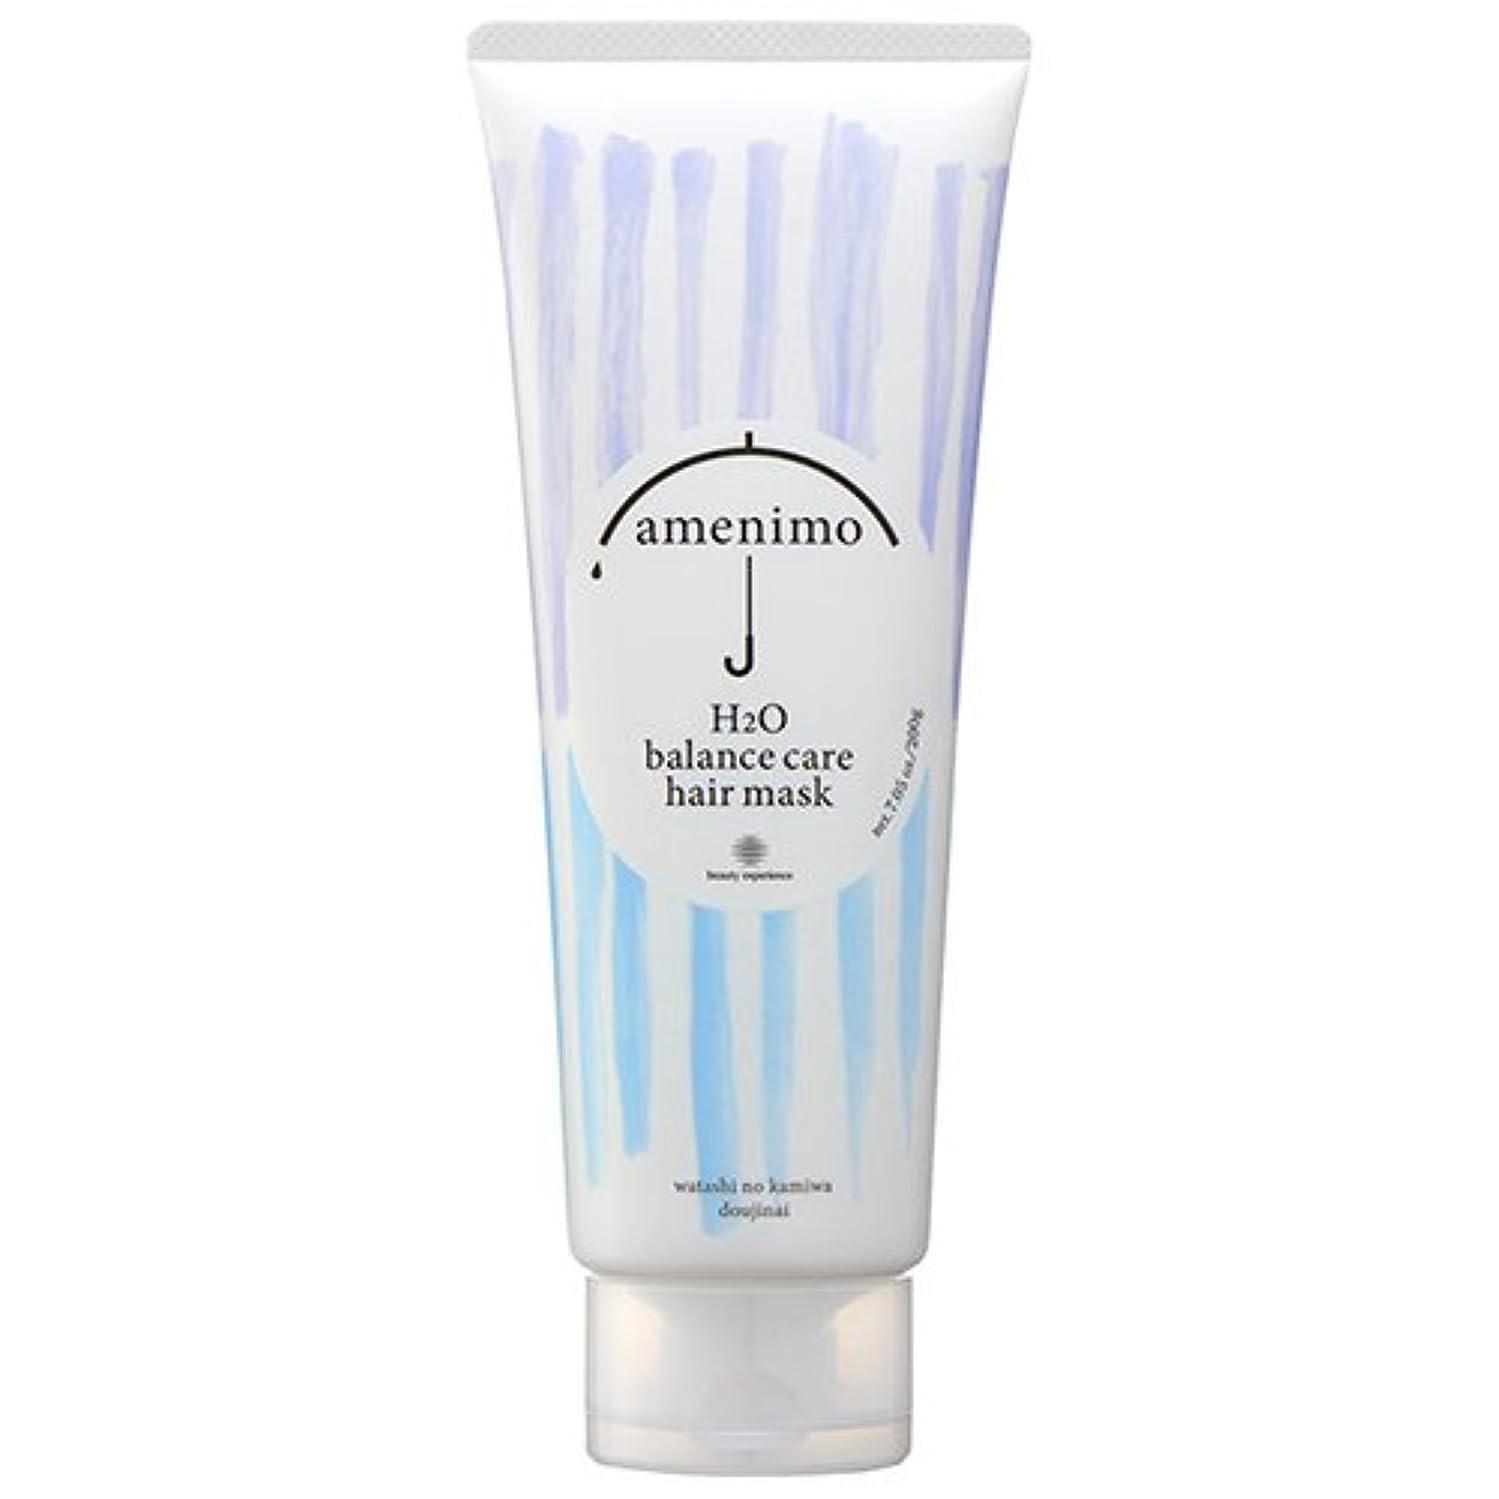 に対応葉ピラミッドamenimo(アメニモ) H2O バランスケア ヘアマスク 200g